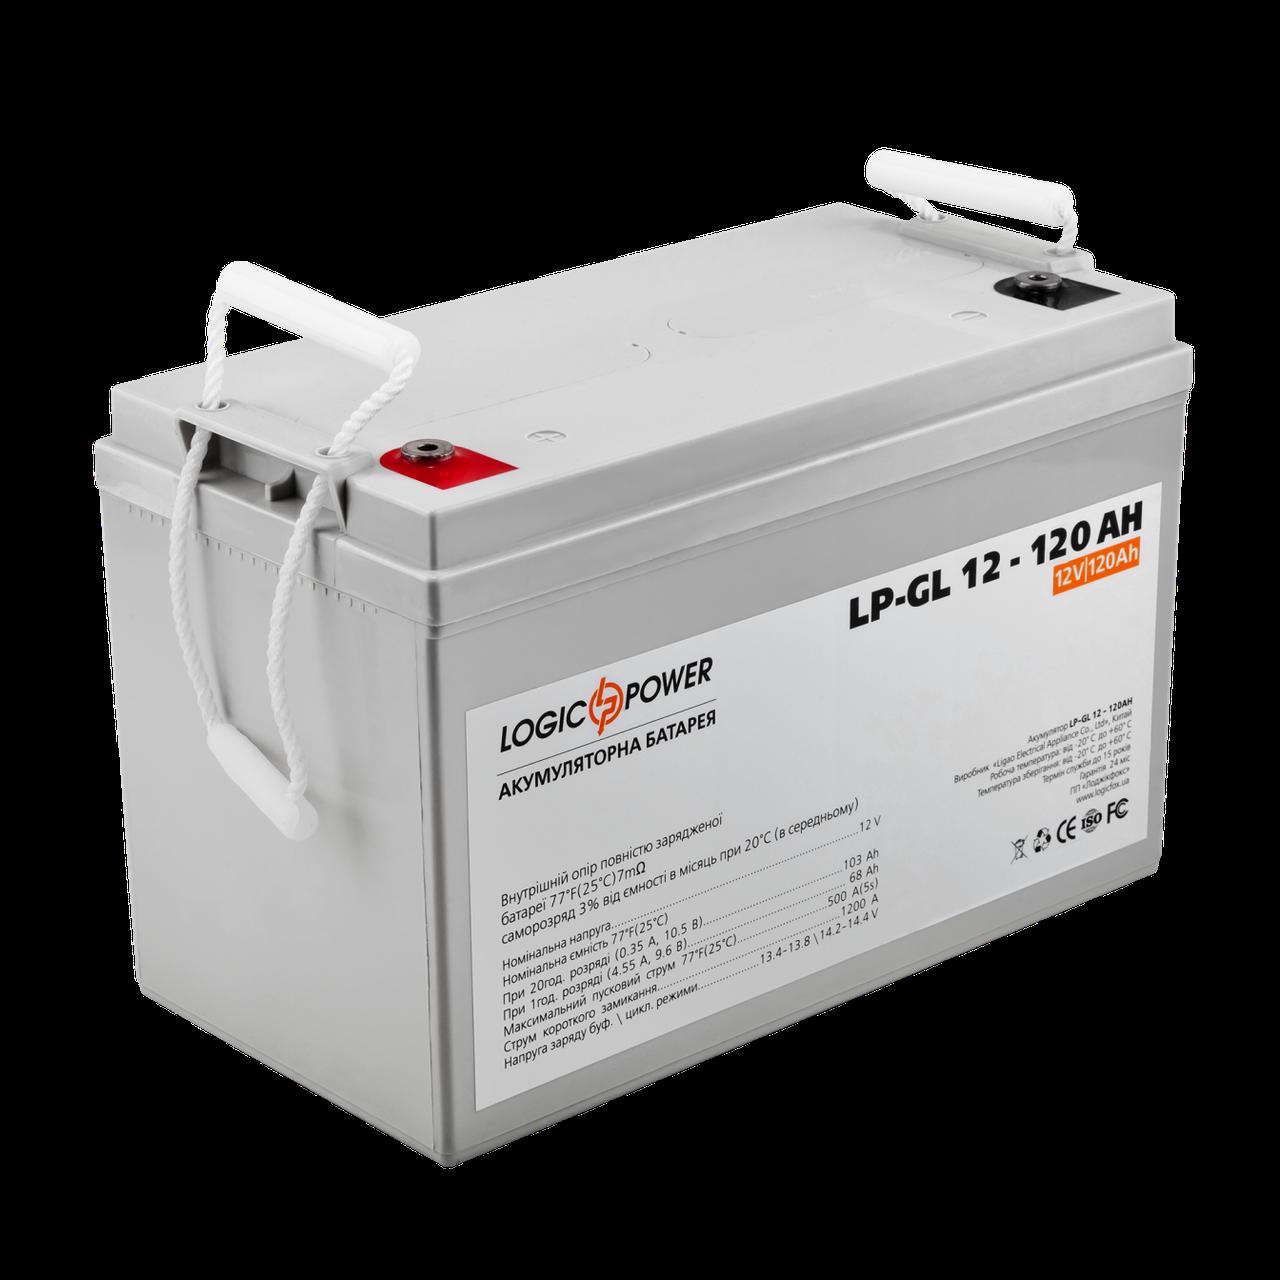 Аккумулятор гелевый  LP-GL 12 - 120 AH SILVER